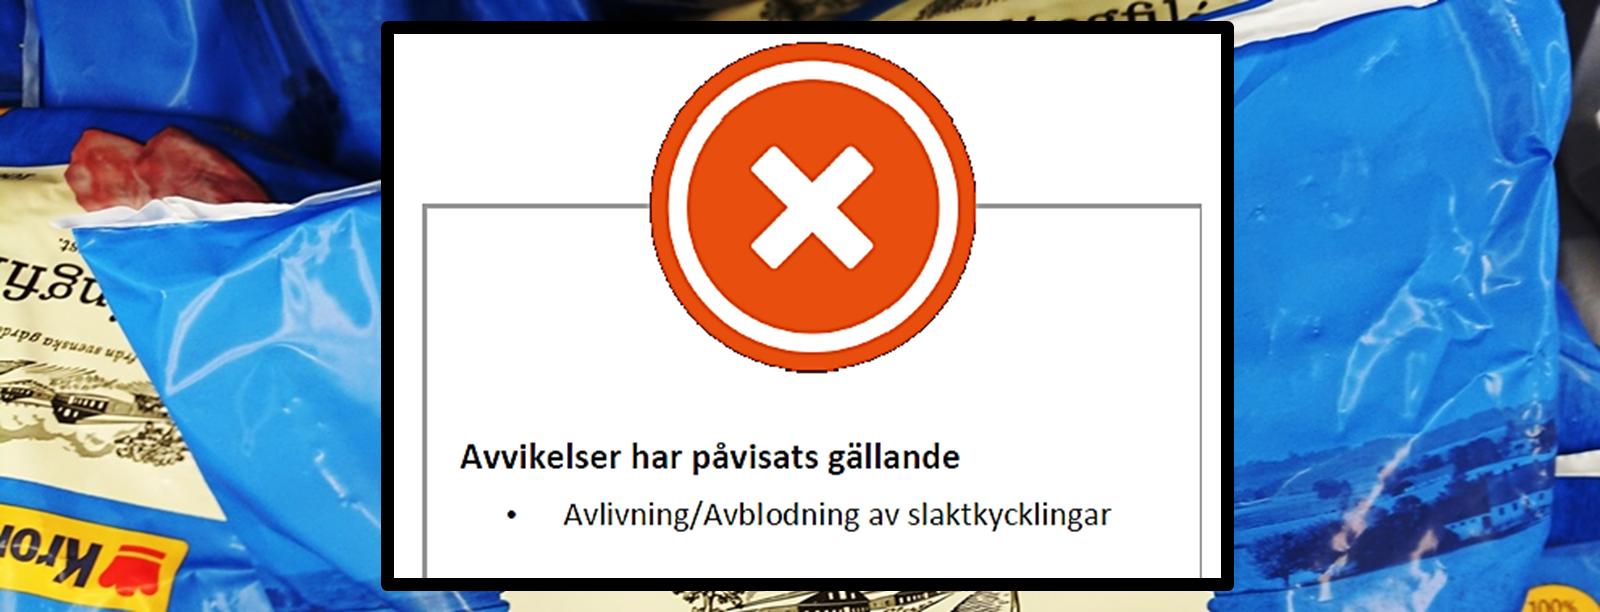 Uppgift Goteborg Slutar Att Bestalla Produkter Fran Kronfagel